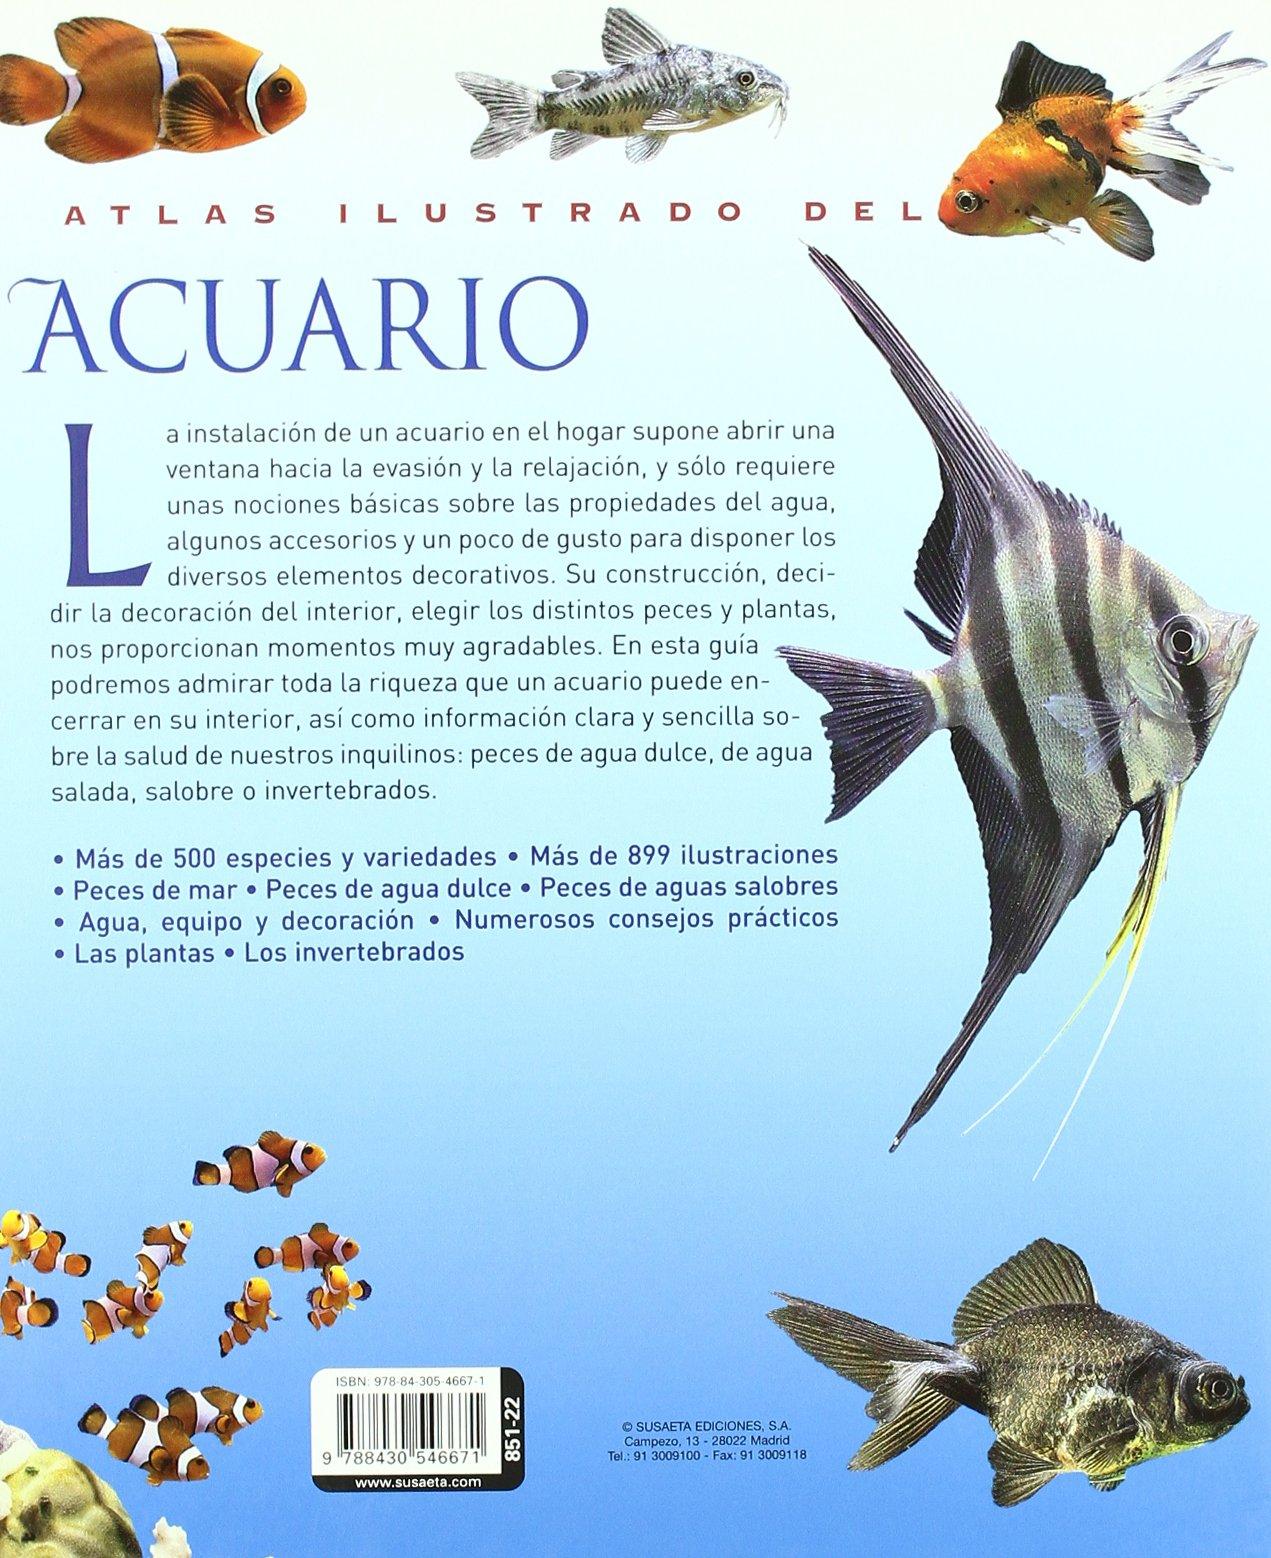 Acuario / Aquarius (Spanish Edition): Alain Breitenstein: 9788430546671: Amazon.com: Books